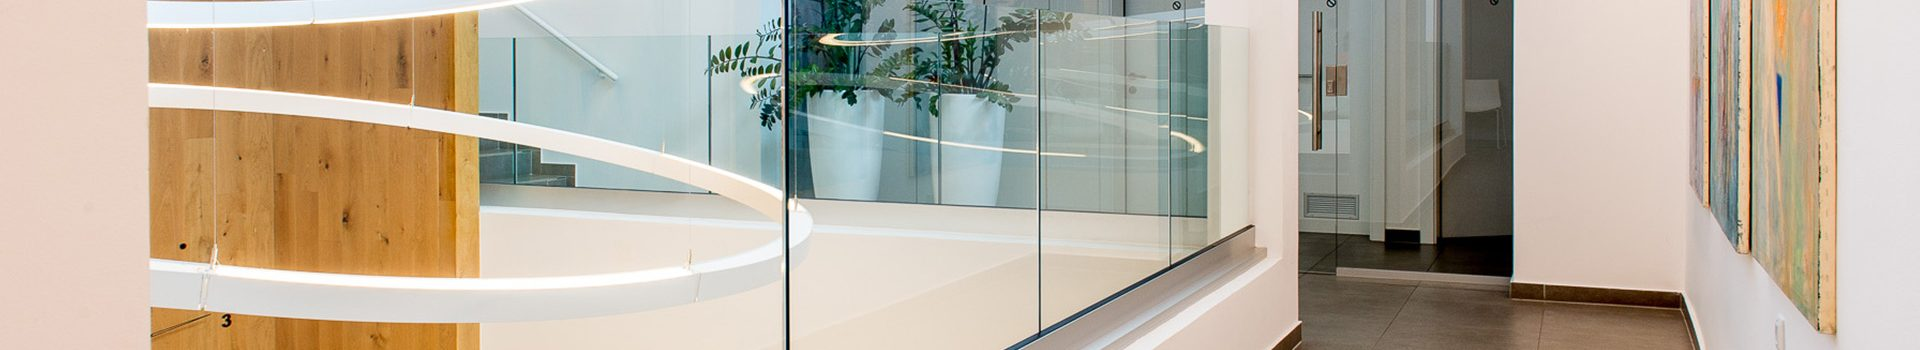 Notranje in zunanje steklene ograje